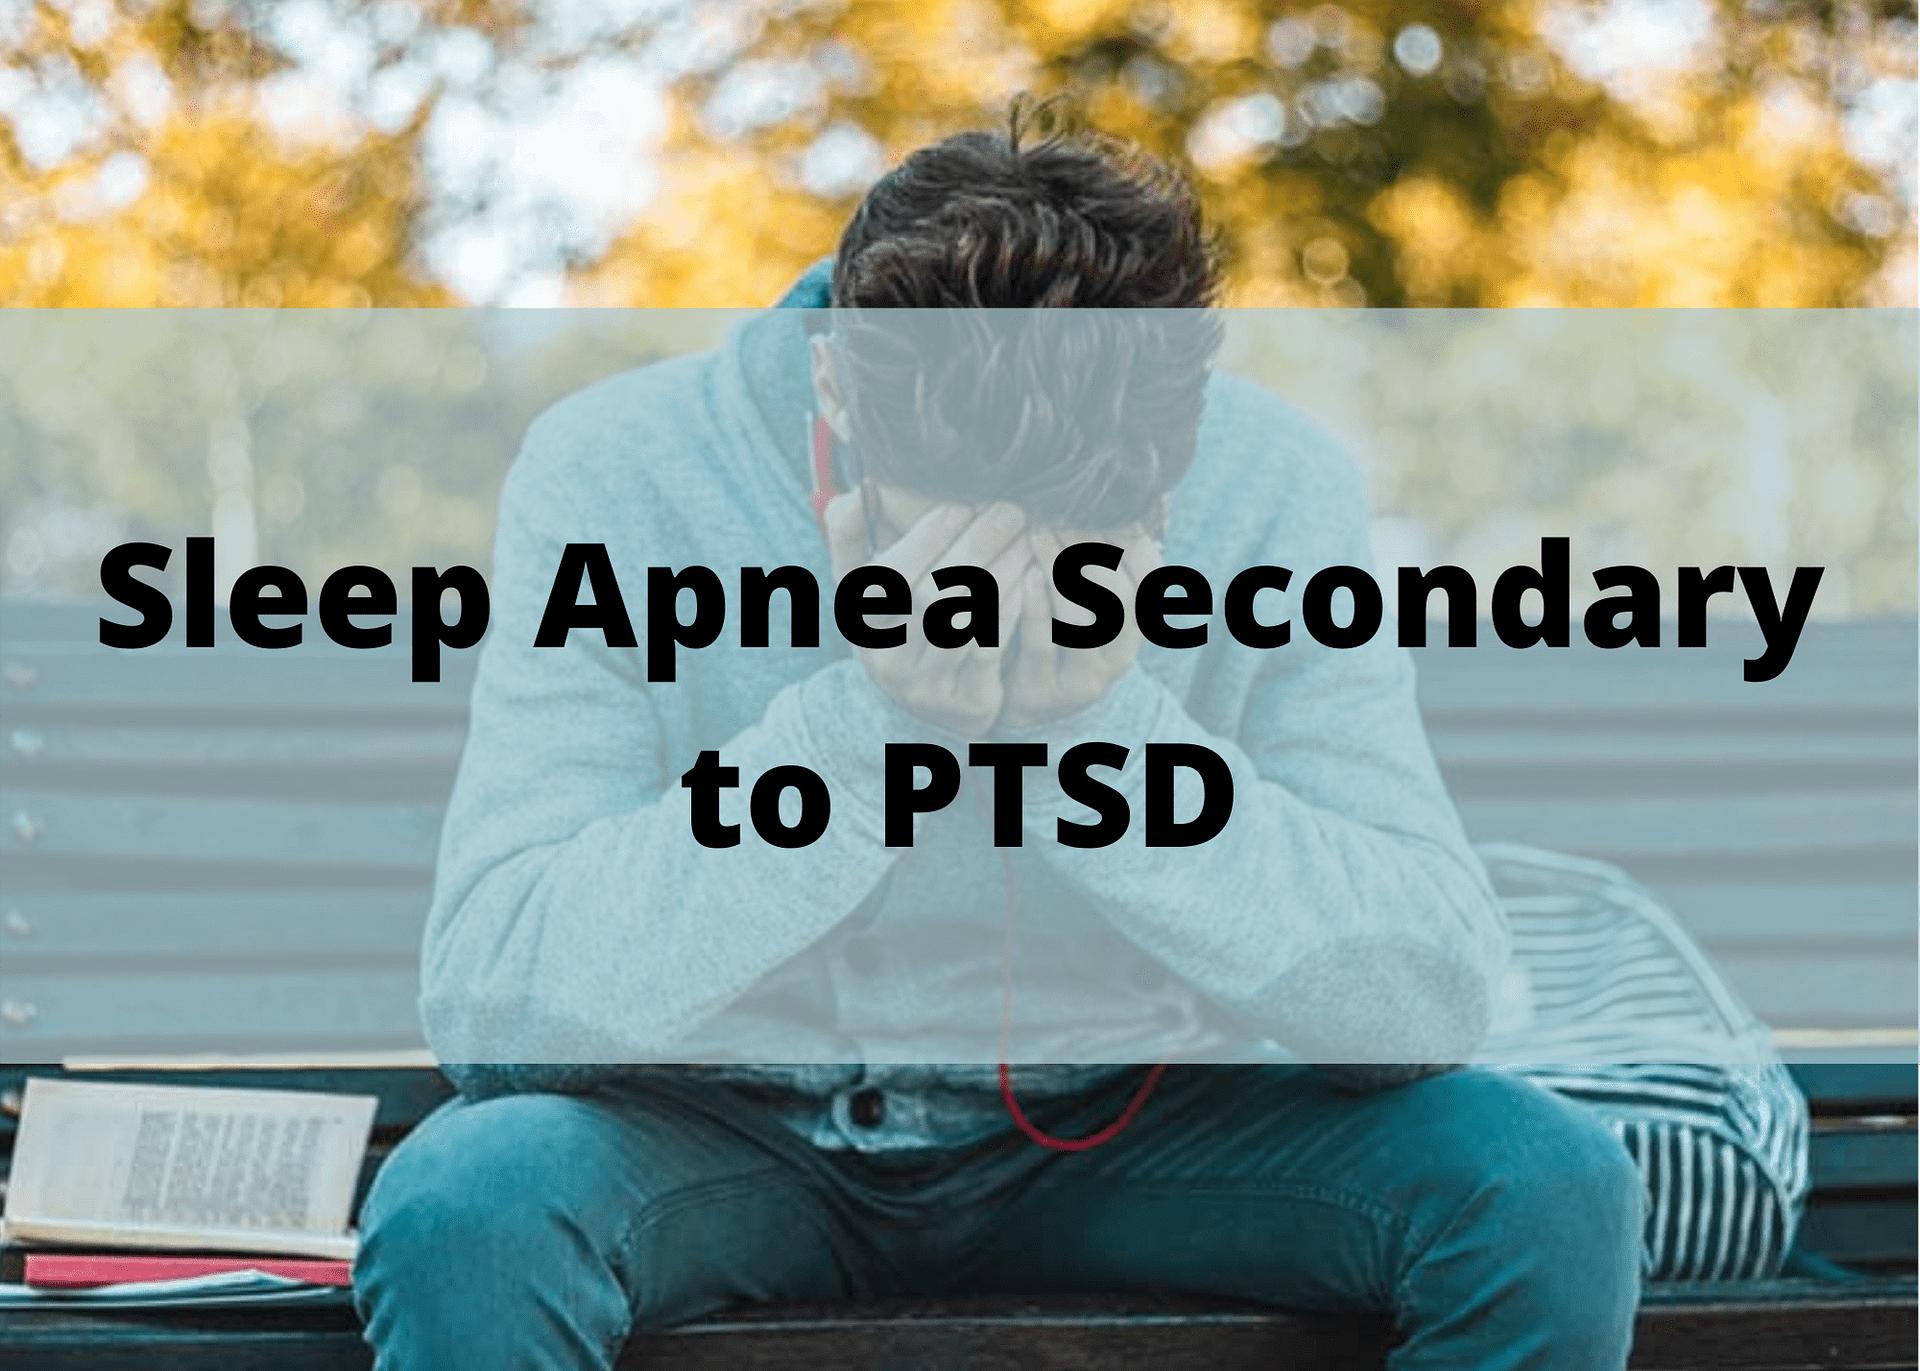 Sleep Apnea Secondary to PTSD